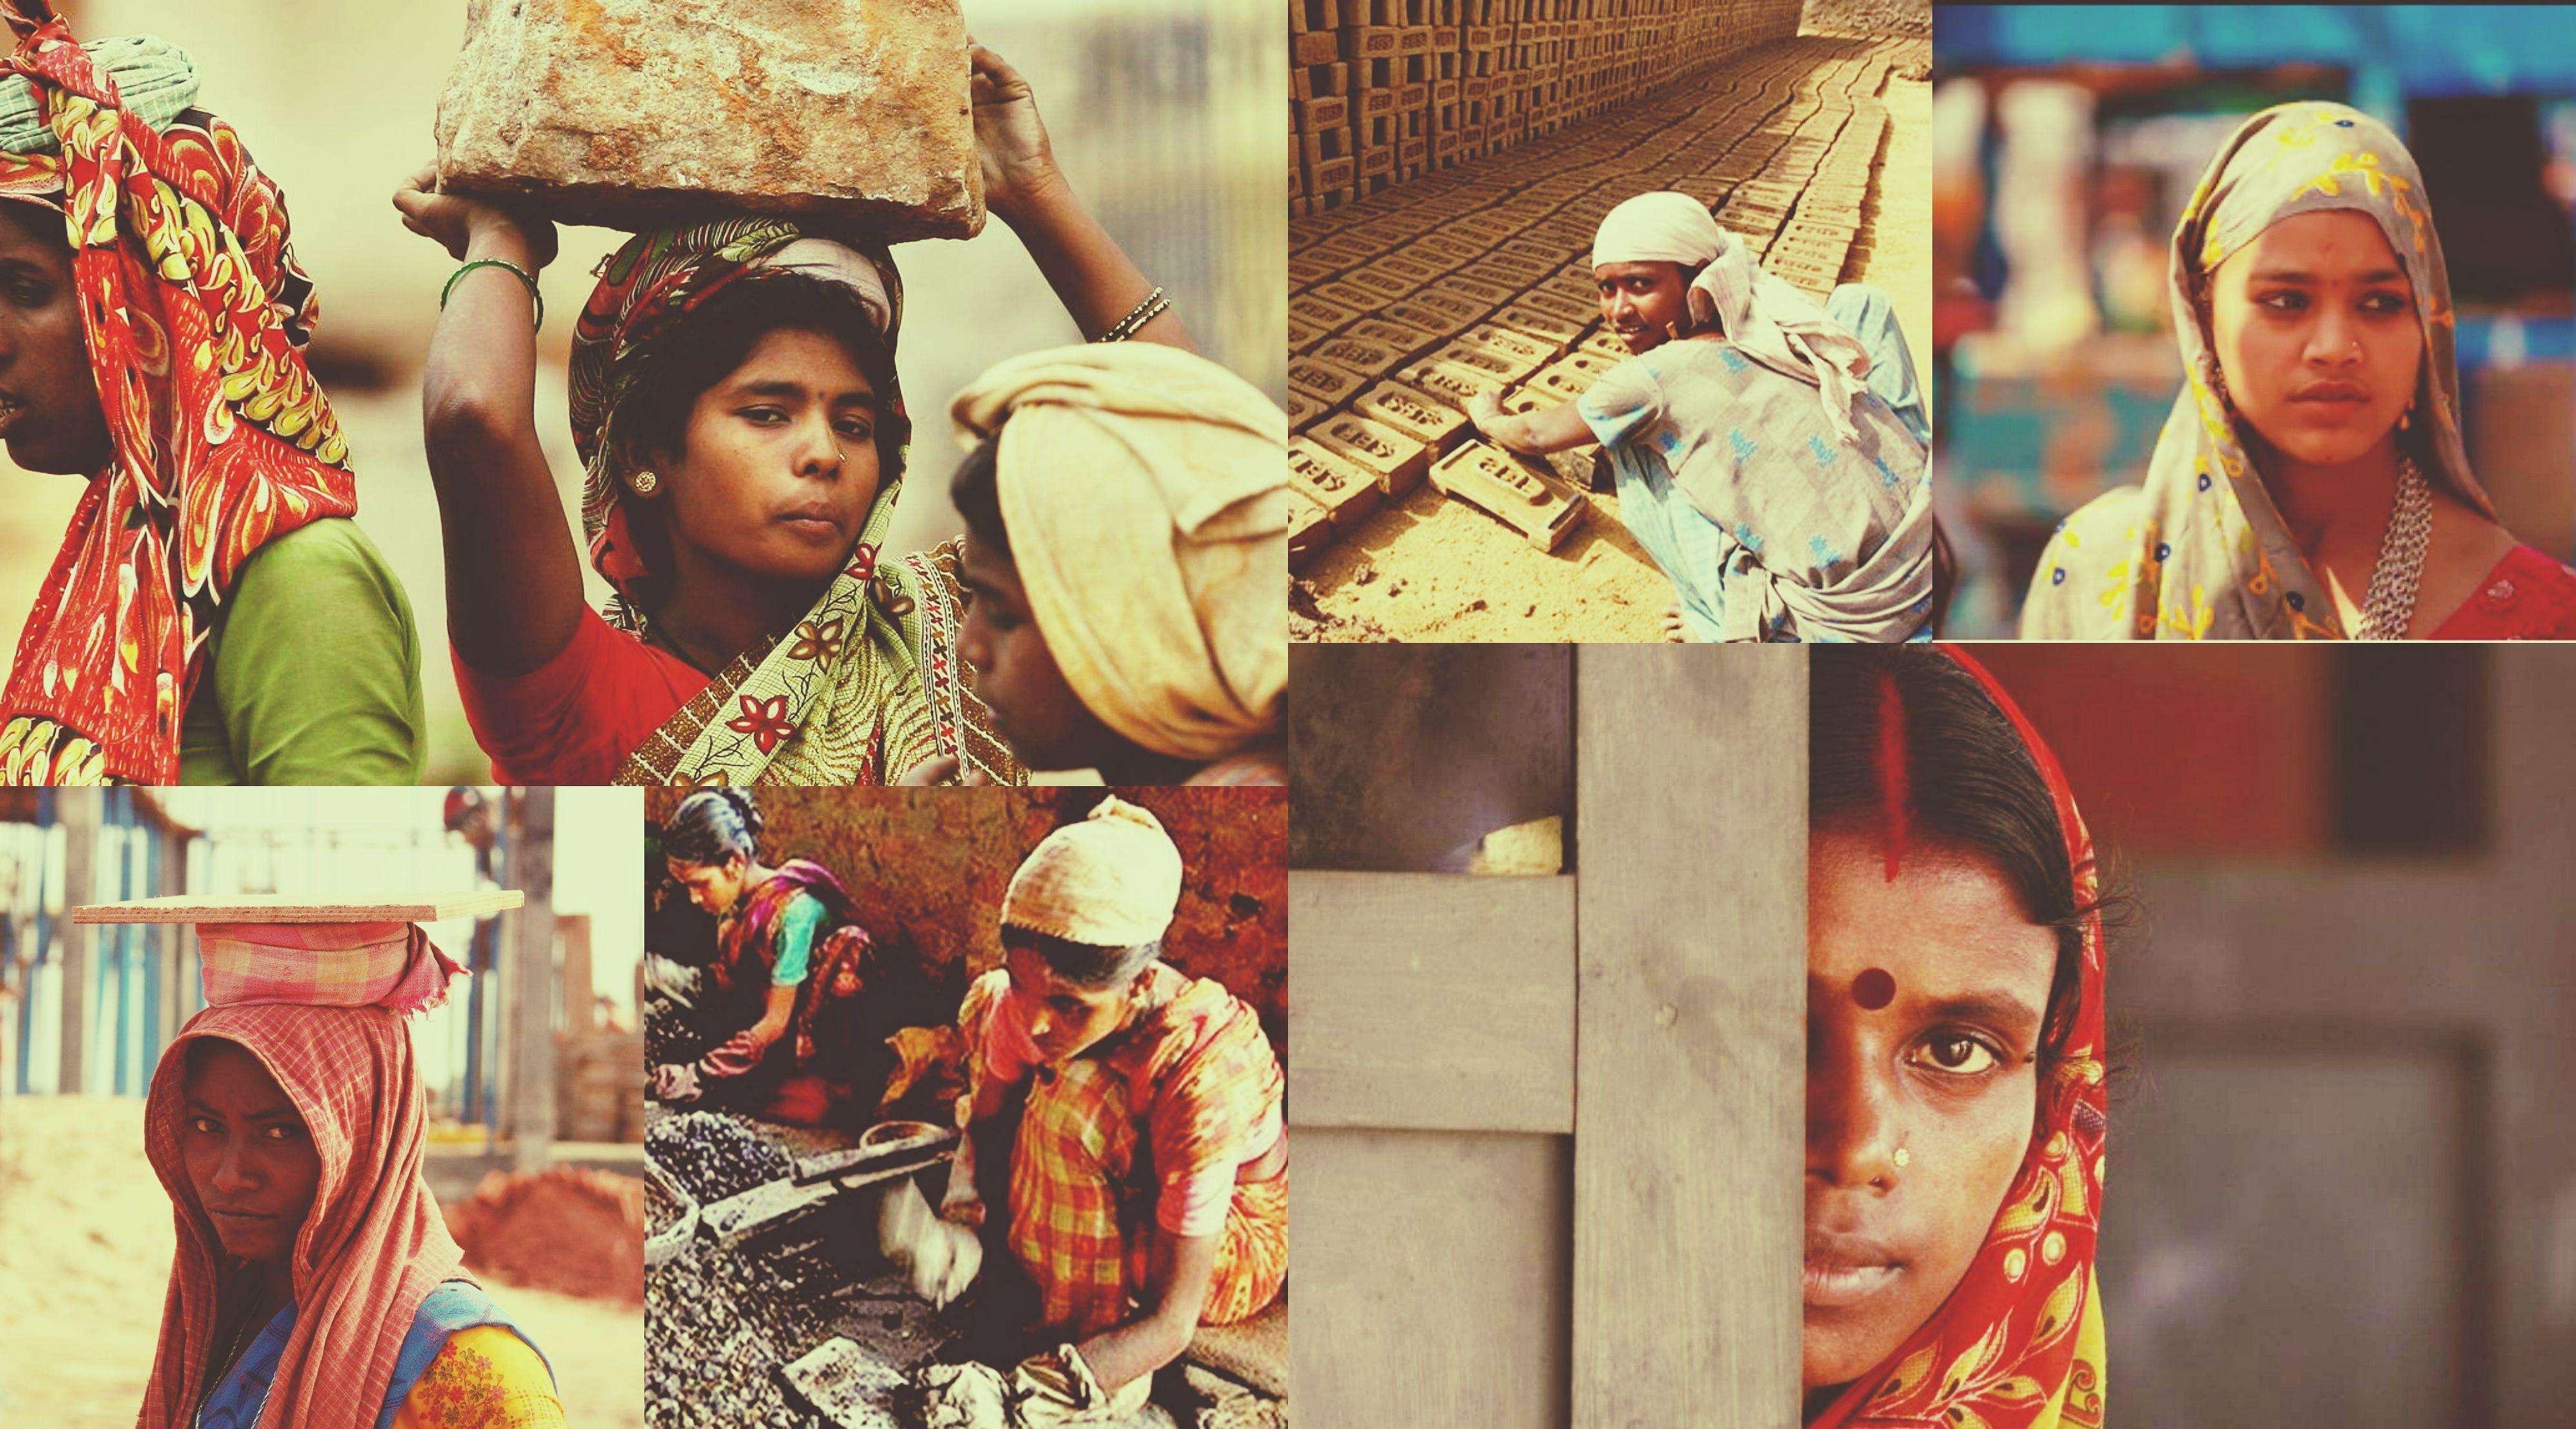 മീടൂ പറയാത്ത കഥകള്...കാണാത്ത മുഖങ്ങള്